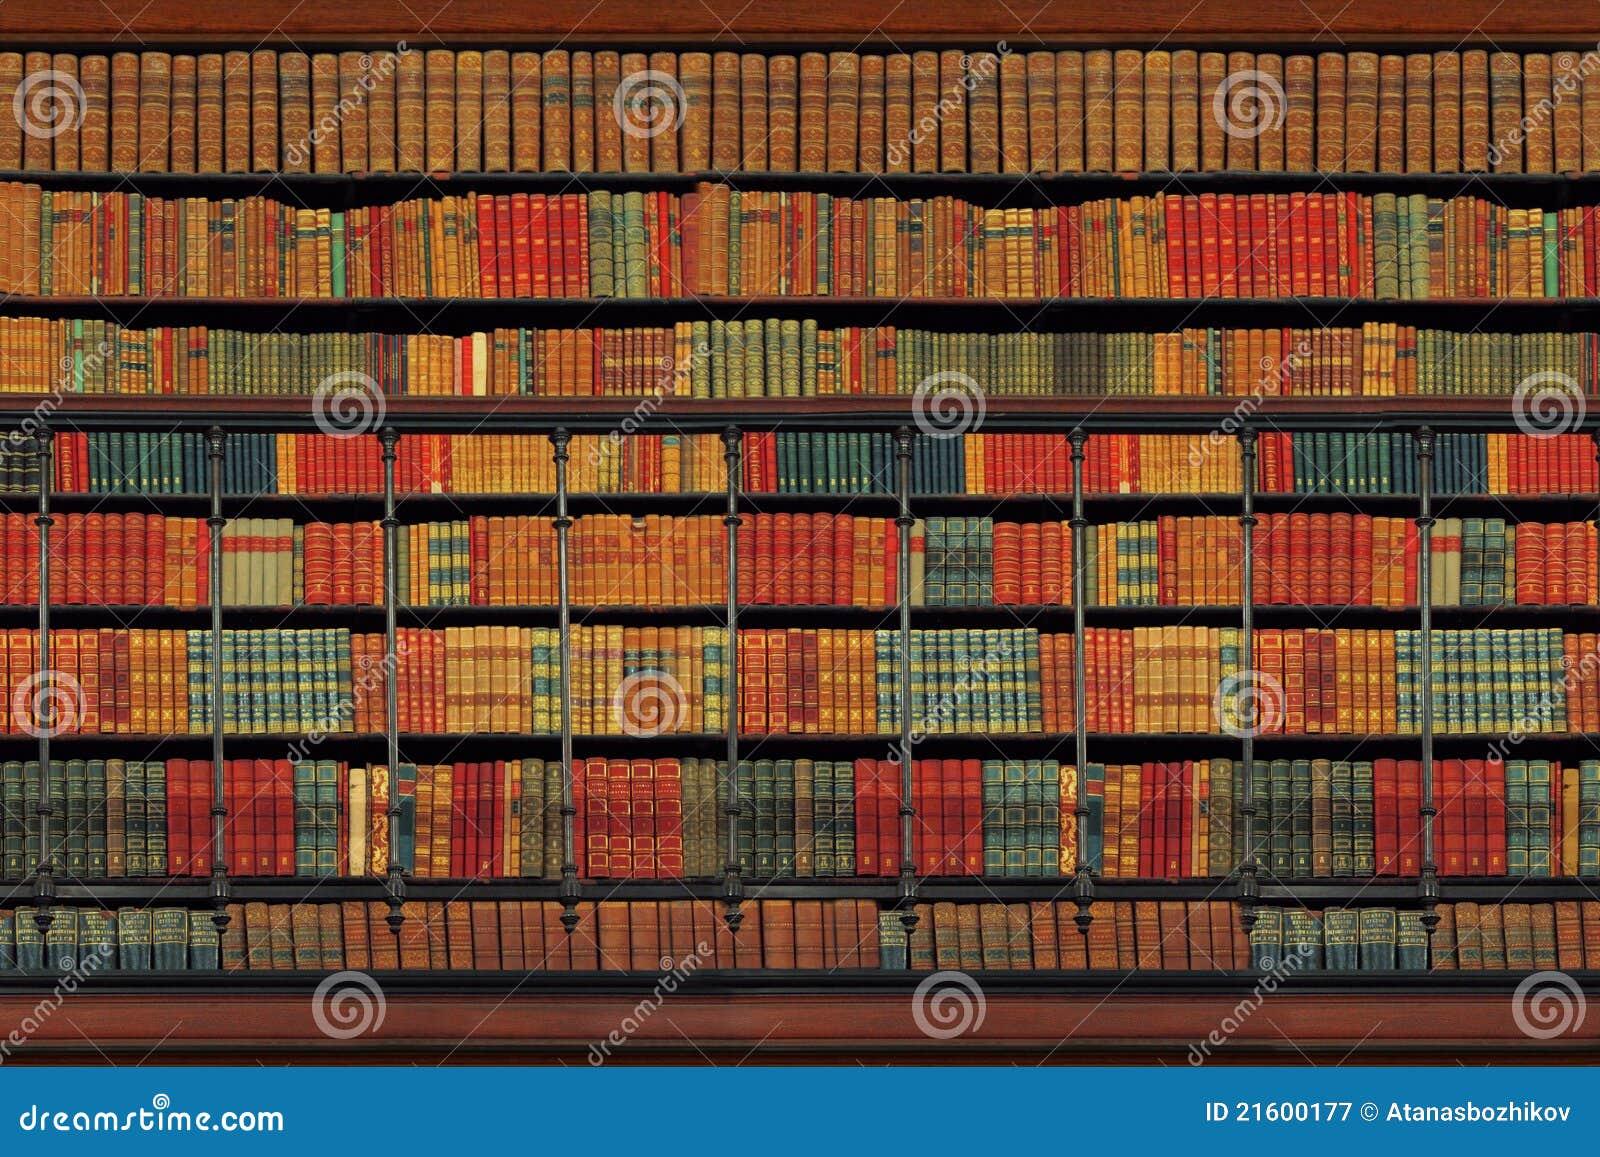 Dziedzictwa kulturowego biblioteki rocznik